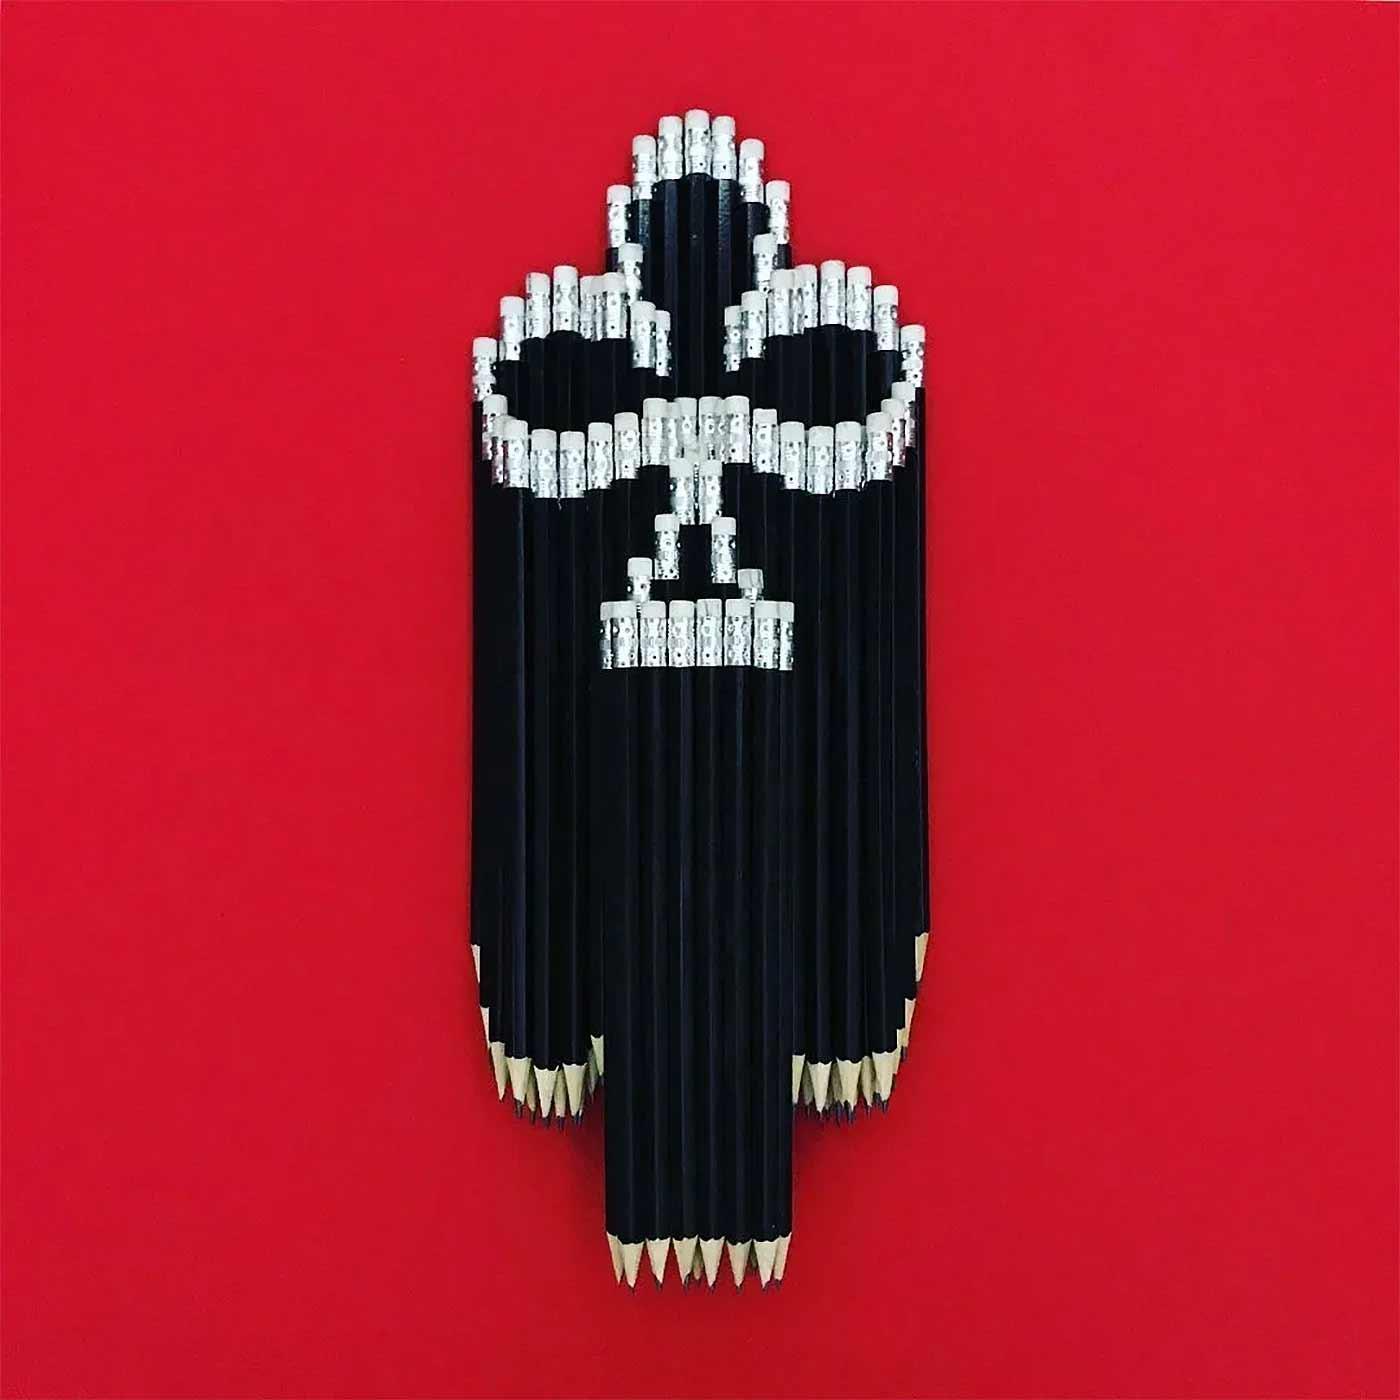 Bleistift-Mosaike von Bashir Sultani Bashir-Sultani-bleistiftkunst_07